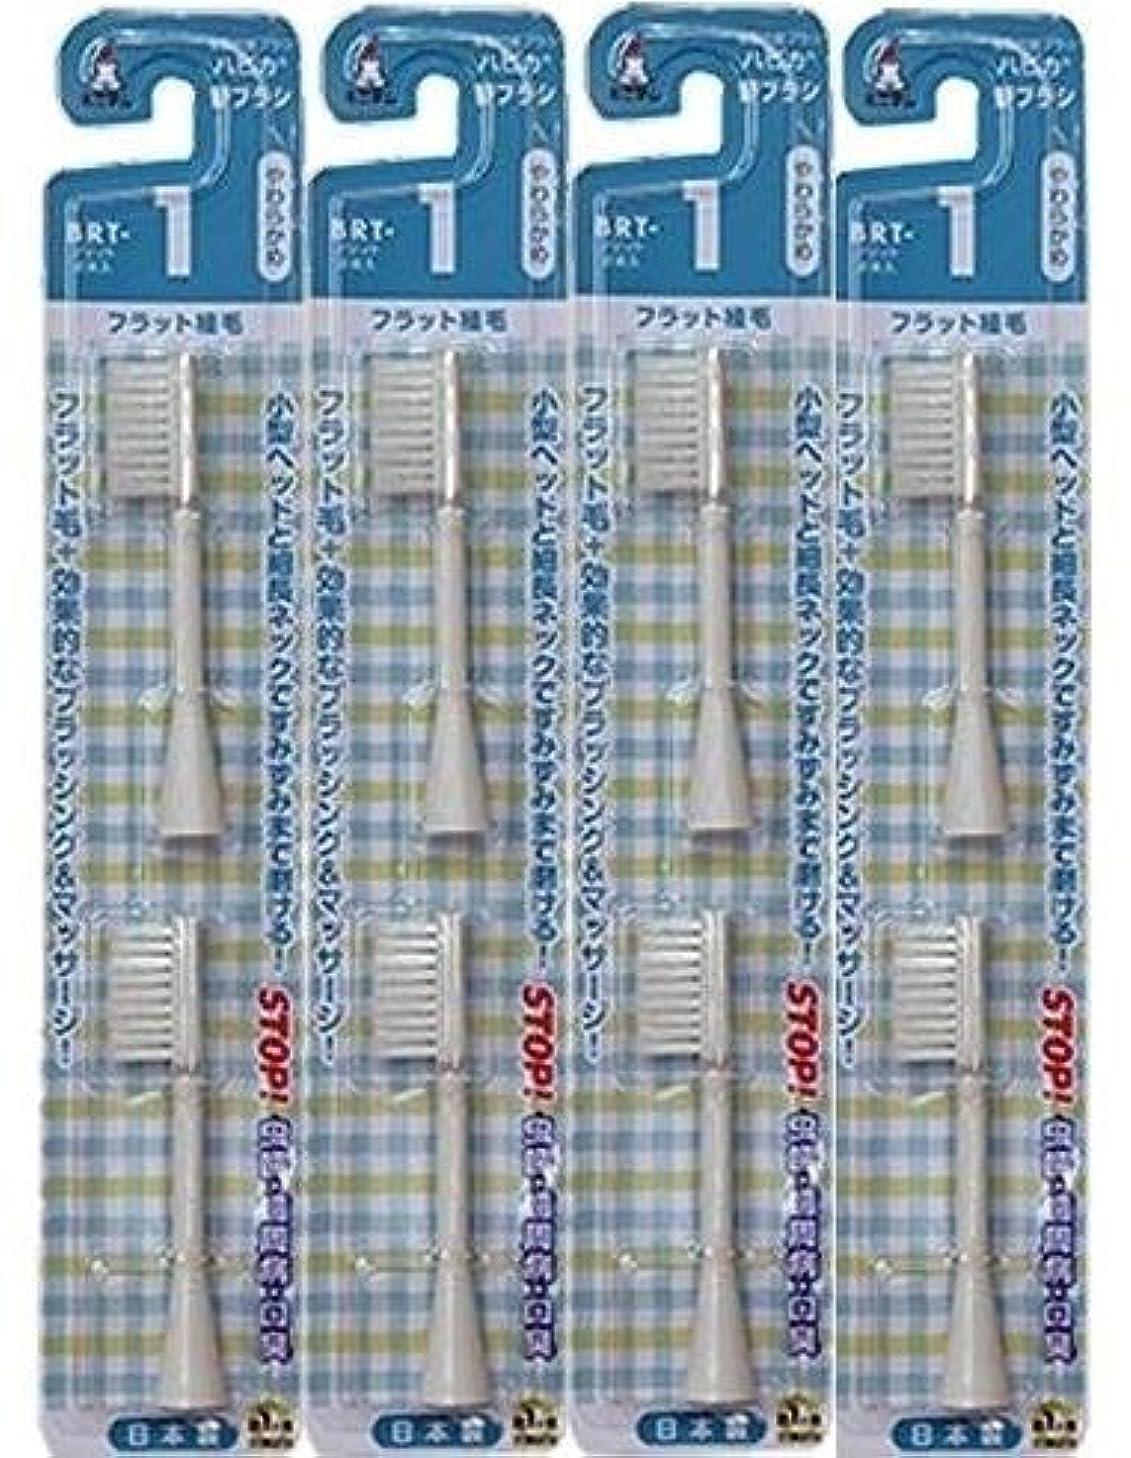 受ける見出しようこそ電動歯ブラシ ハピカ専用替ブラシやわらかめフラット植毛2本入(BRT-1T)×4個セット